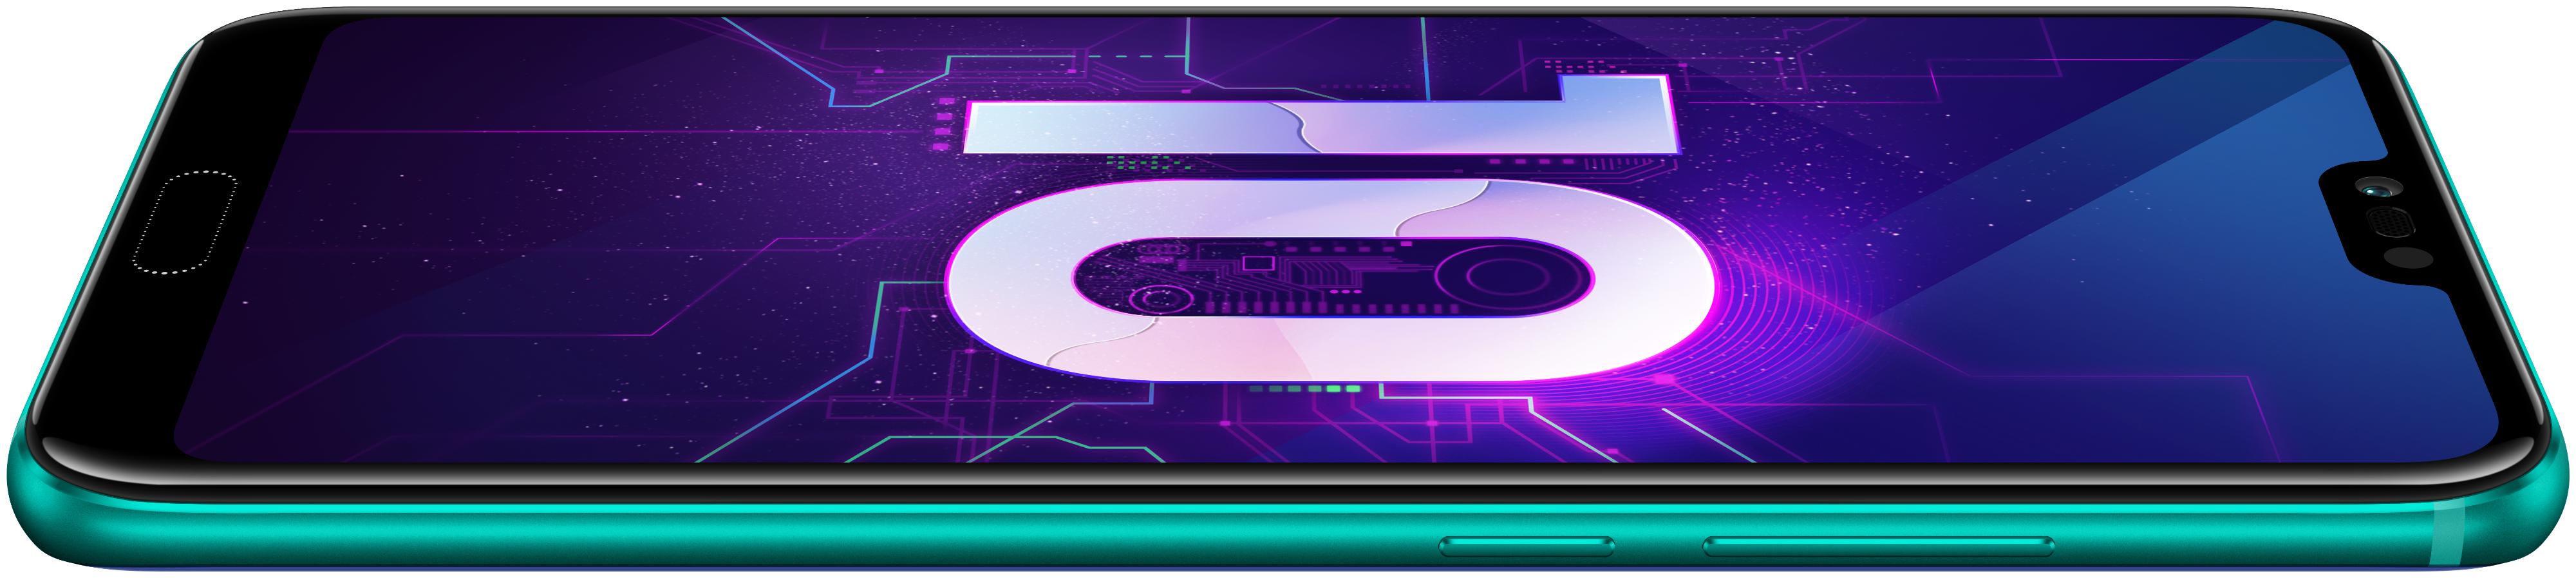 HONOR 10 4/64GB - SIM-карты: 2 (nano SIM)